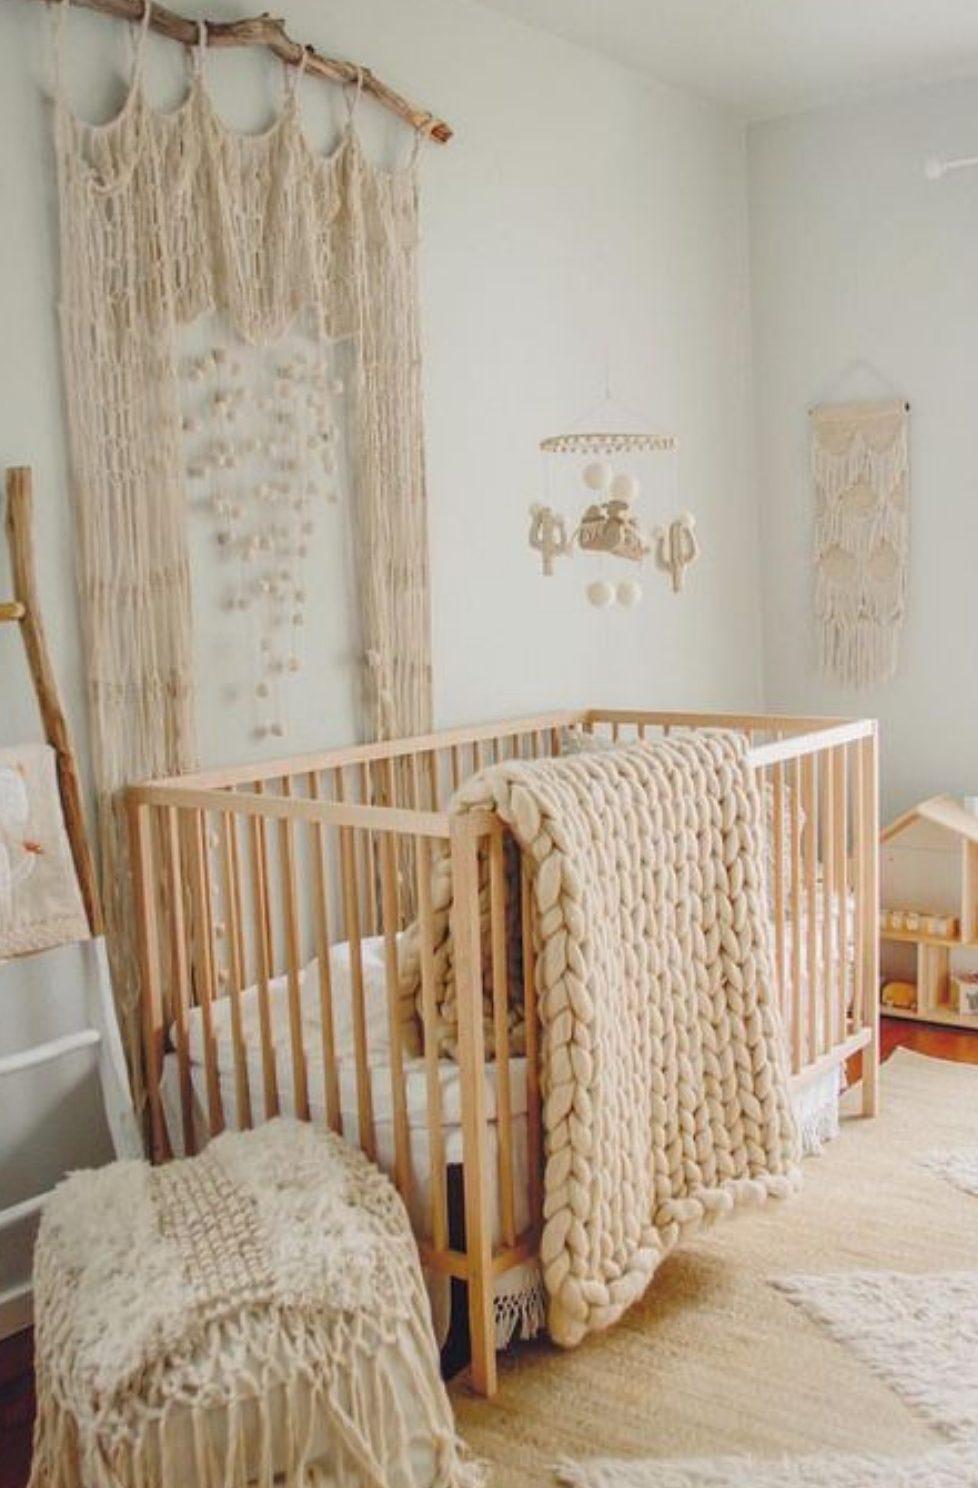 Macrame in the nursery